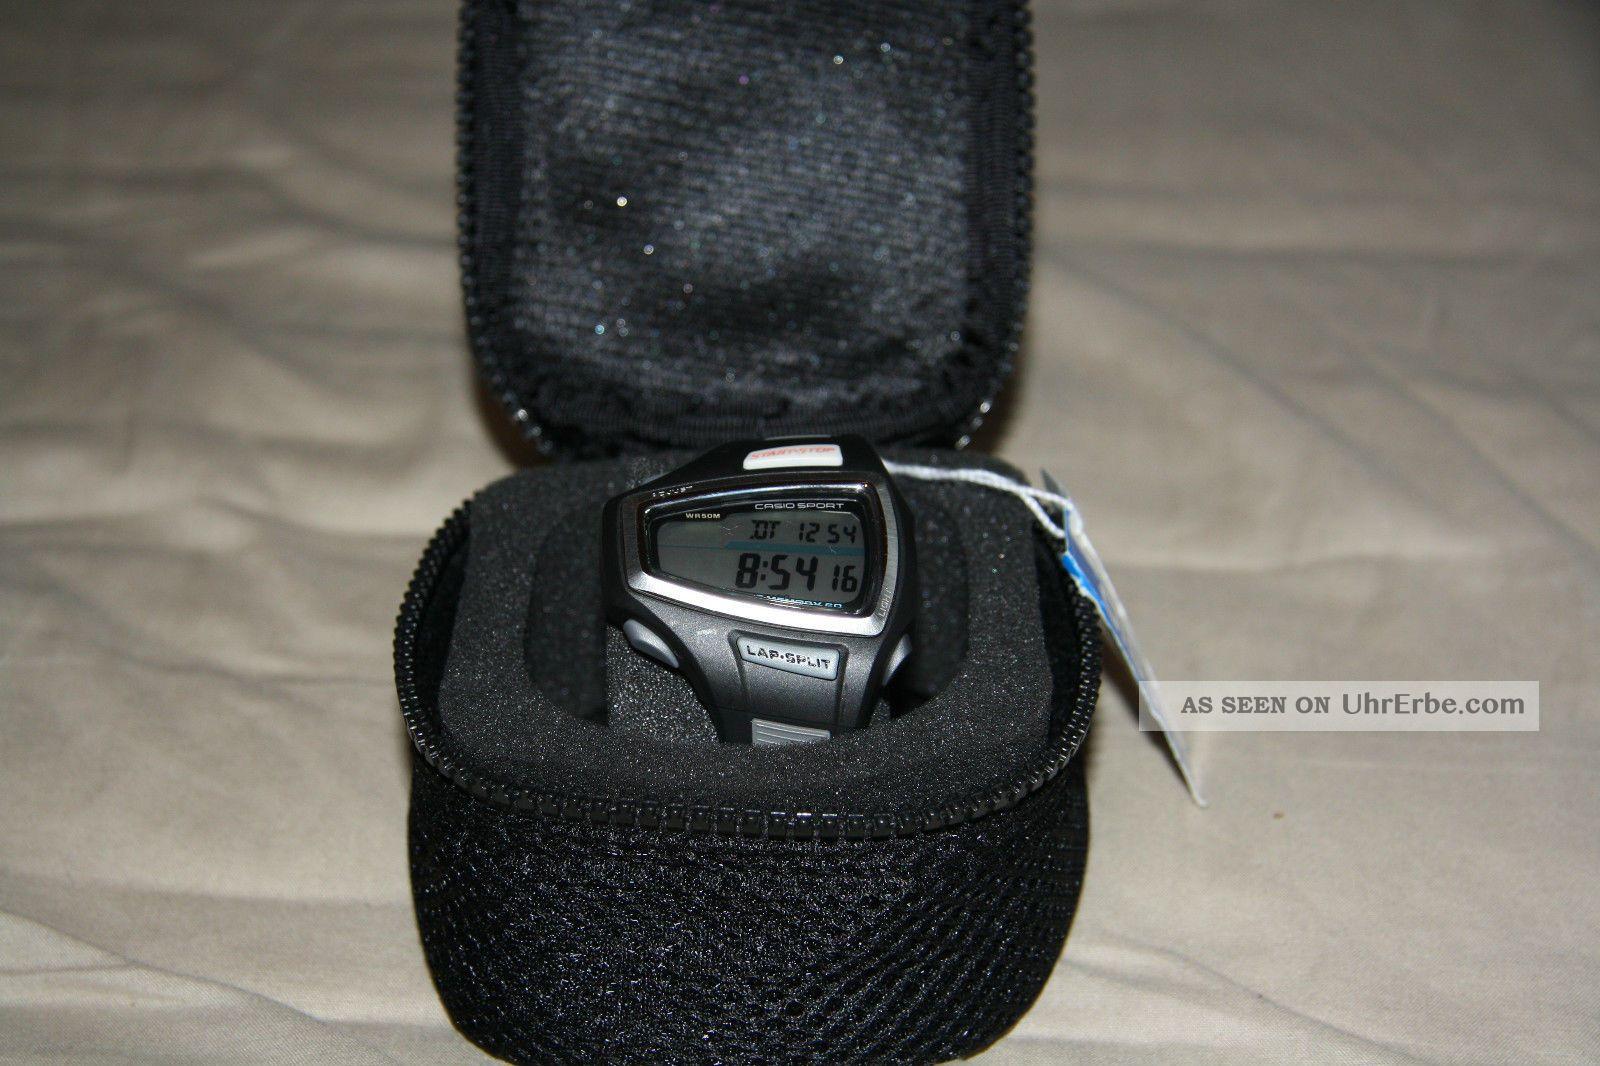 Casio Sport Uhr Str - 900 - 1ver Mit Etikett Armbanduhren Bild